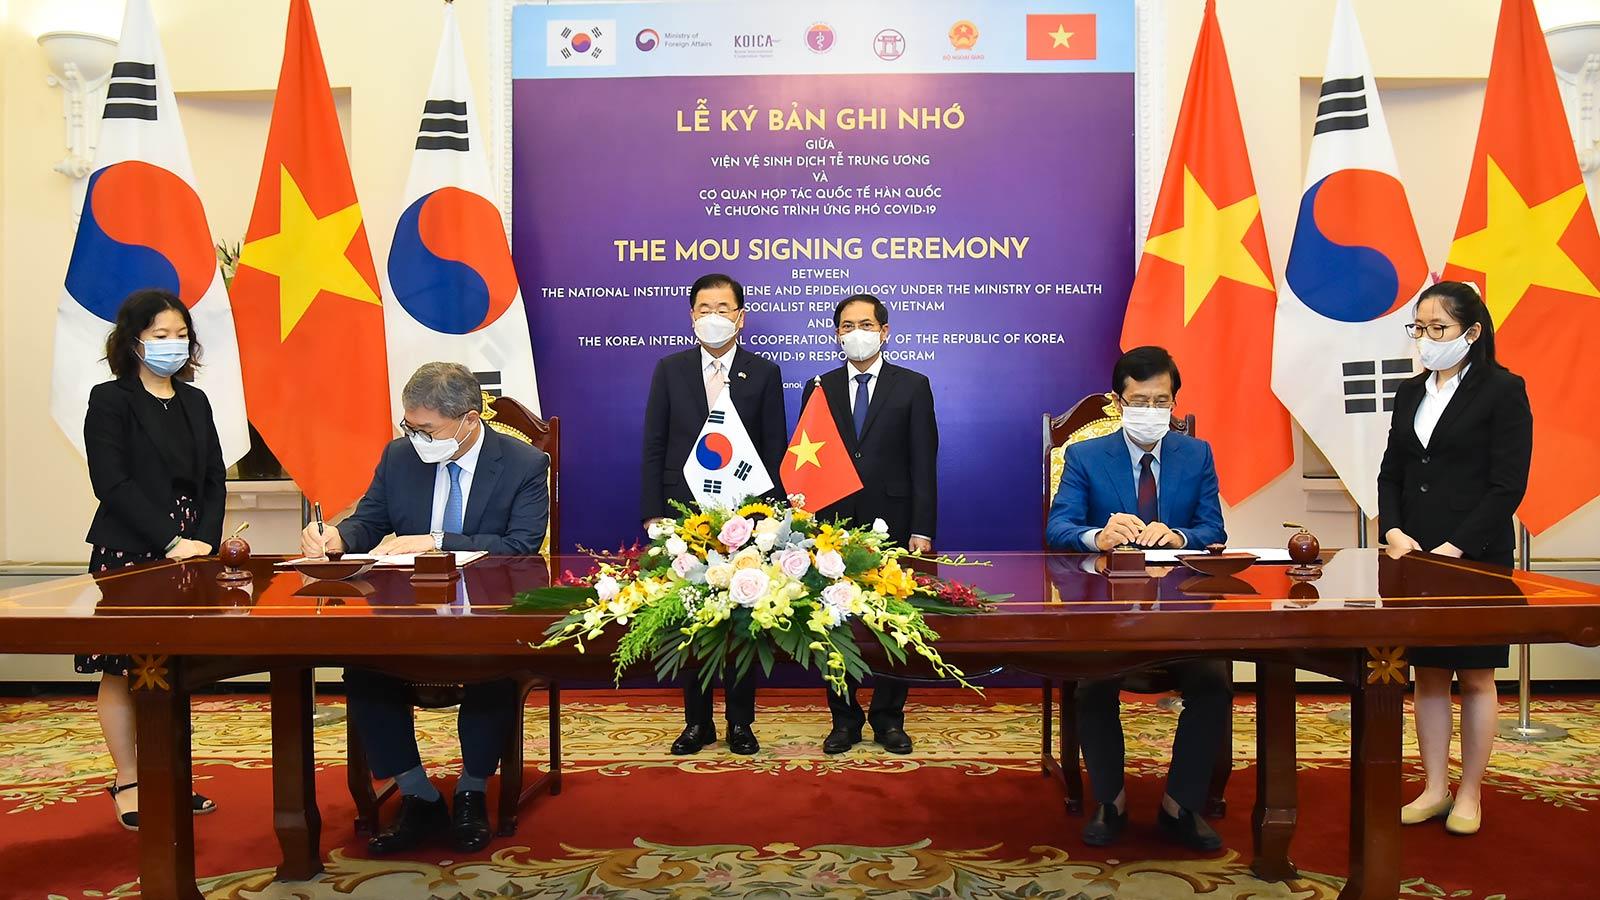 Hai Bộ trưởng Ngoại giao chứng kiến lễ ký Bản ghi nhớ về Chương trình ứng phó COVID-19 giữa Viện vệ sinh dịch tễ Trung ương và Cơ quan hợp tác quốc tế Hàn Quốc.